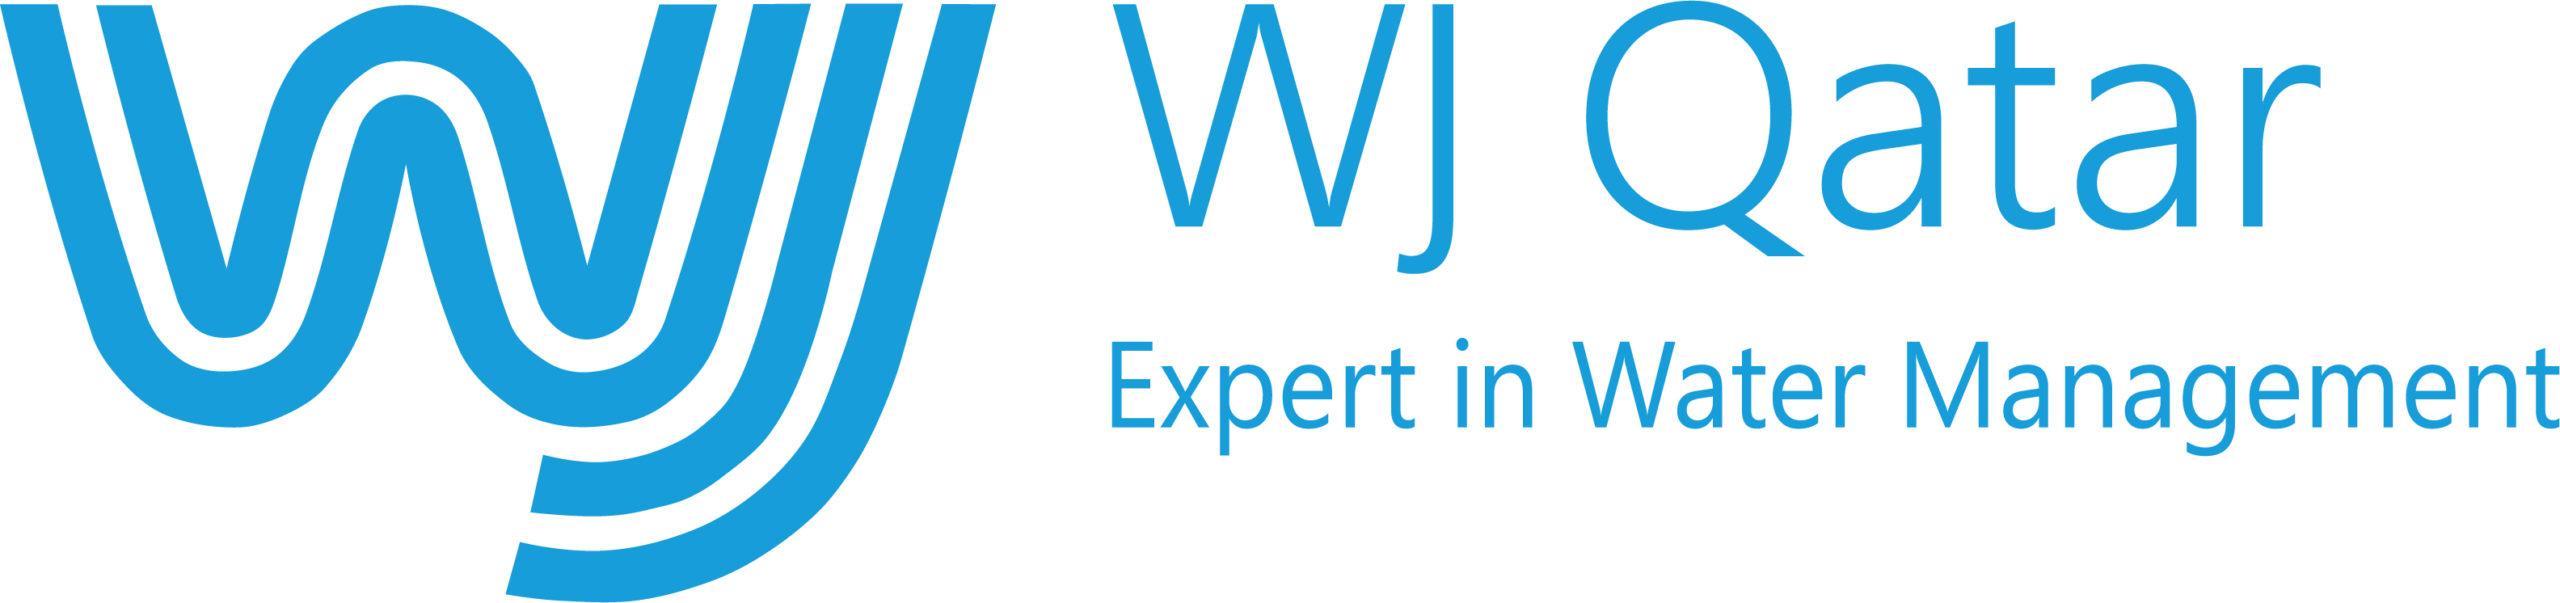 WJ_Qatar_logo_master-scaled.jpg